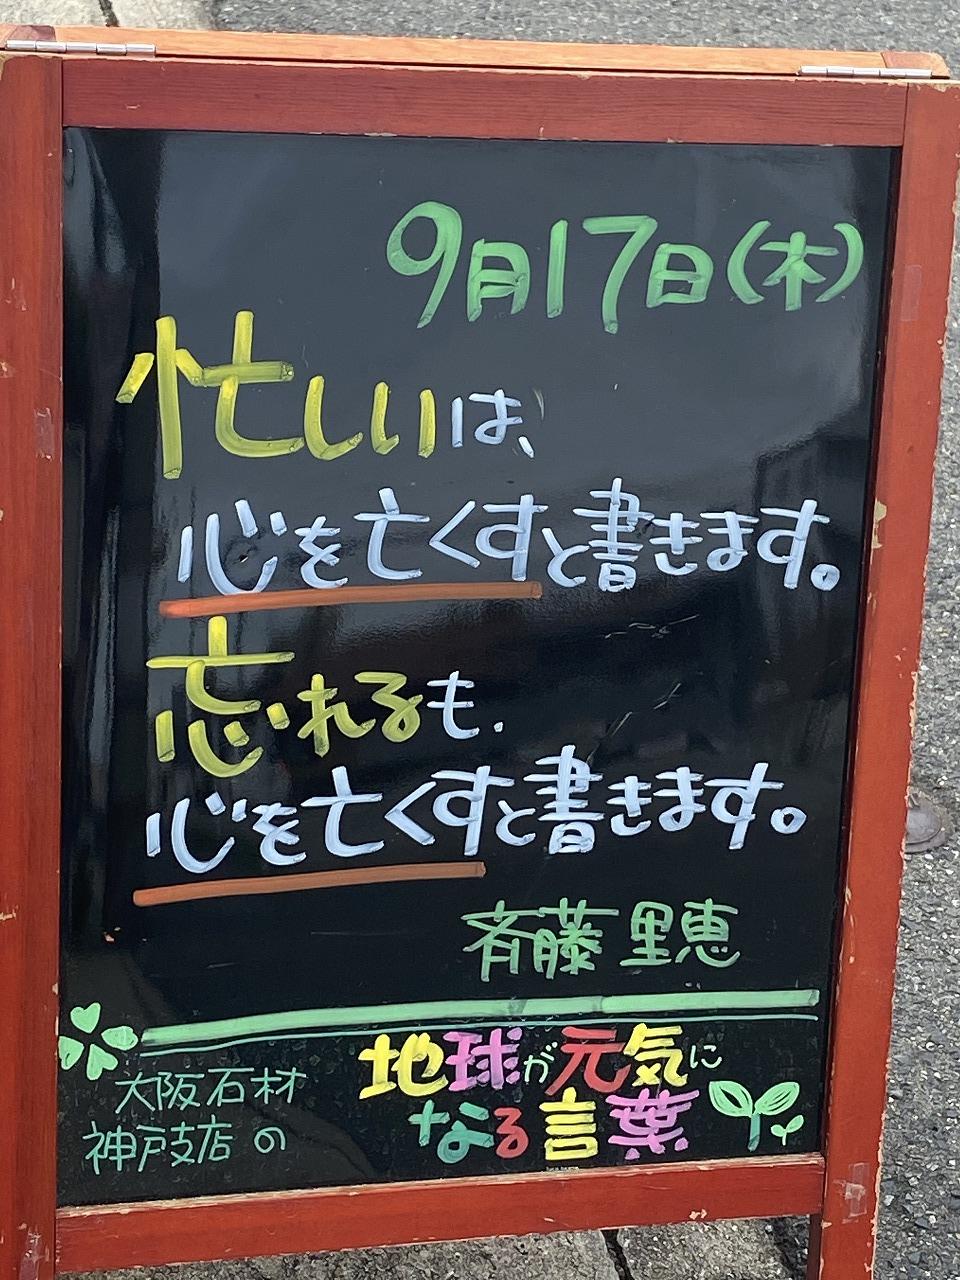 神戸市東灘区御影塚町にある石のお店 大阪石材神戸支店の店舗前にあるブラックボードのPOP「地球が元気になる言葉」9/17